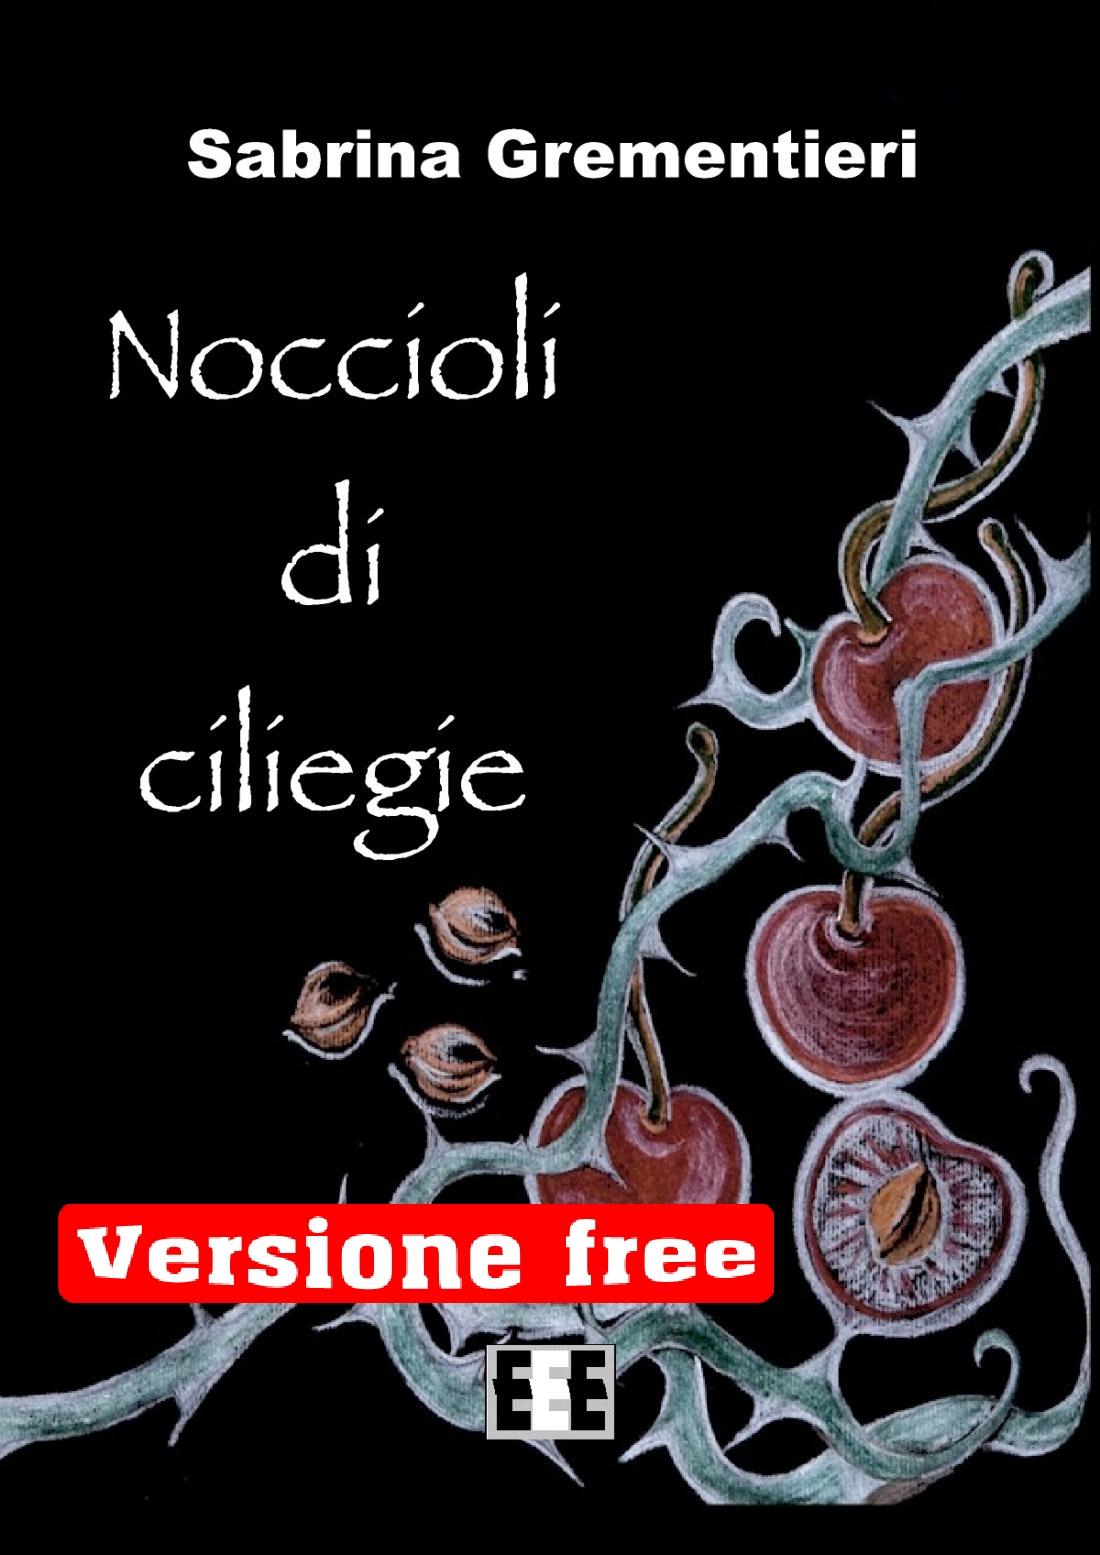 NOCCIOLI_GREMENTIERI_FREE